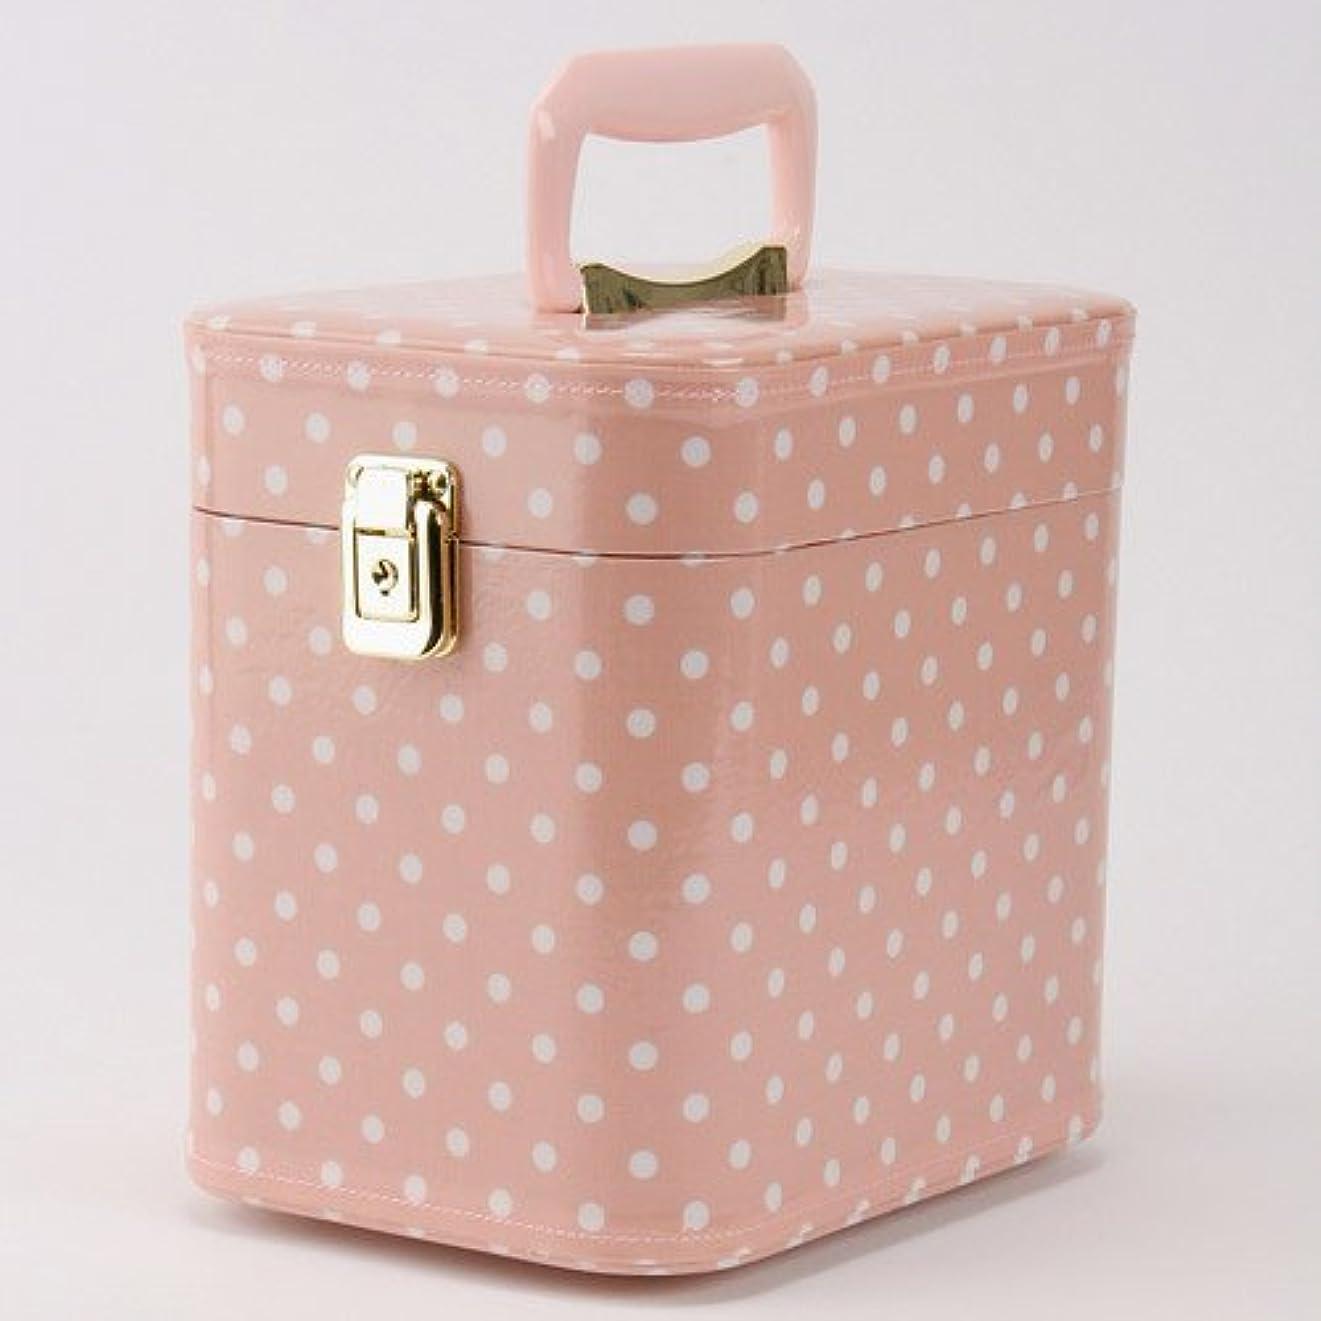 範囲ホイッスル作曲家日本製 メイクボックス 水玉(ドット) ピンク 7寸(鍵付き/コスメボックス)